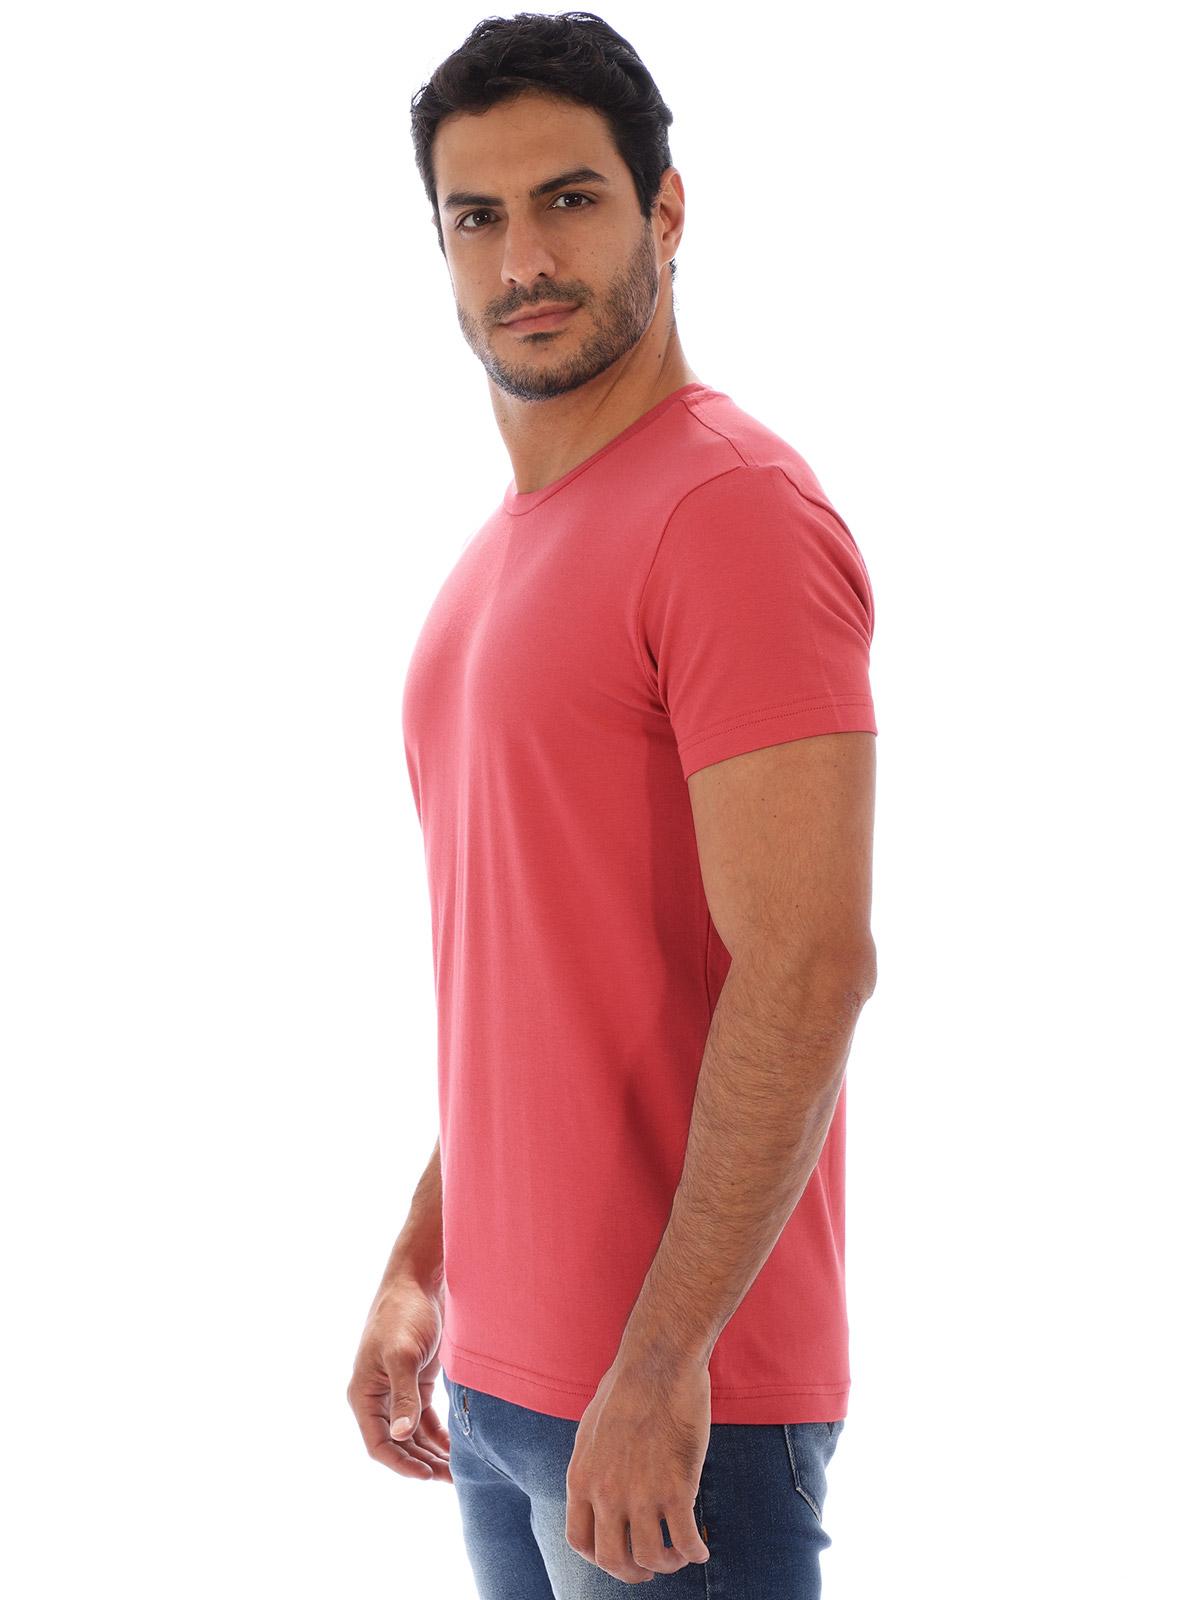 Camiseta Masculina Lisa Algodão Com Elastano Fit Vermelha